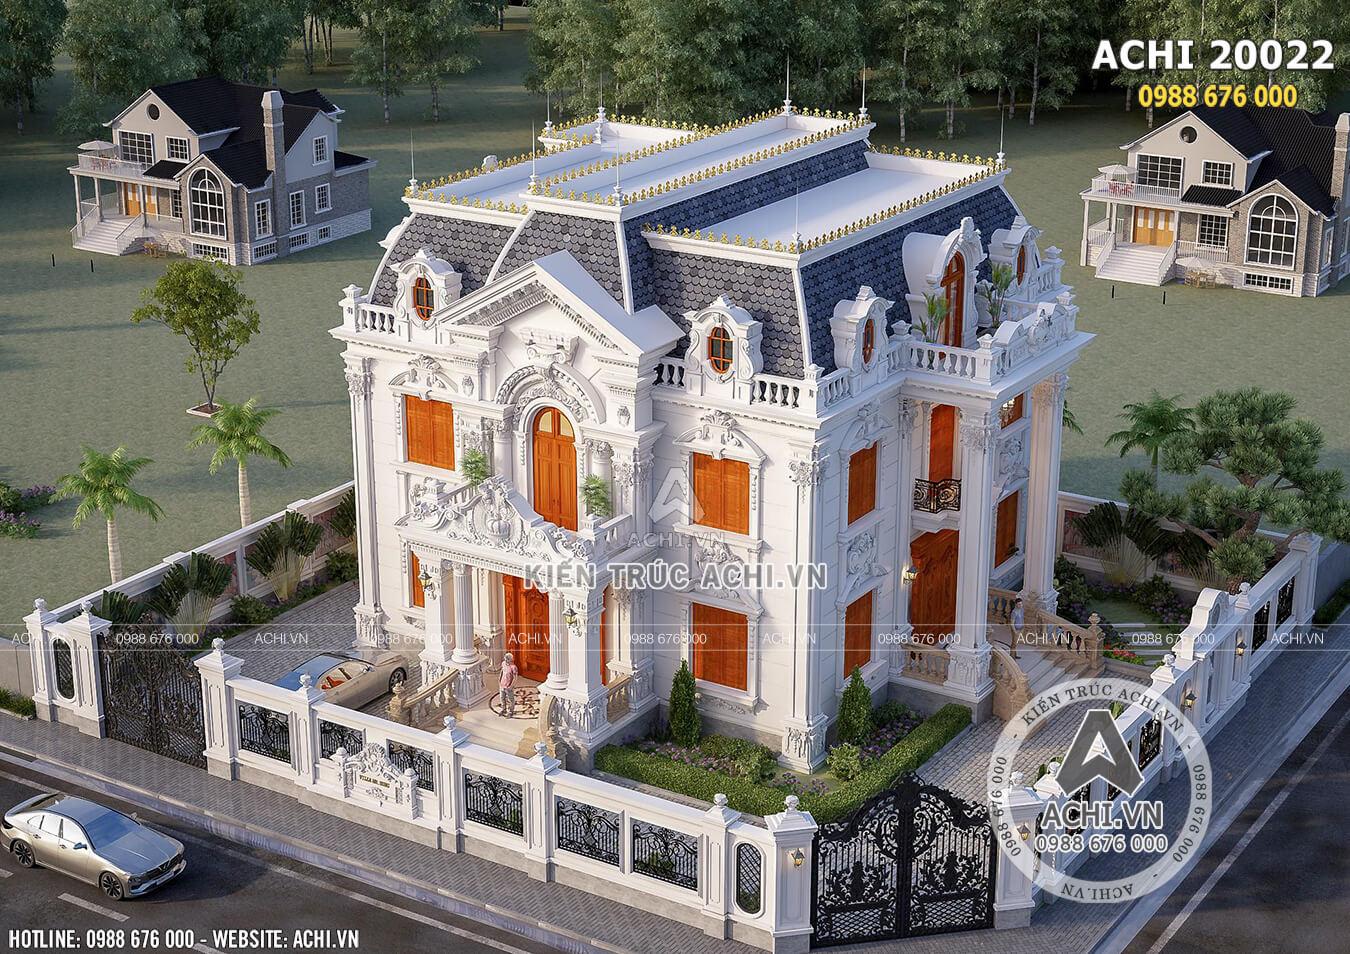 Thiết kế biệt thự tân cổ điển đẹp 2 tầng 1 tum nhìn từ trên cao